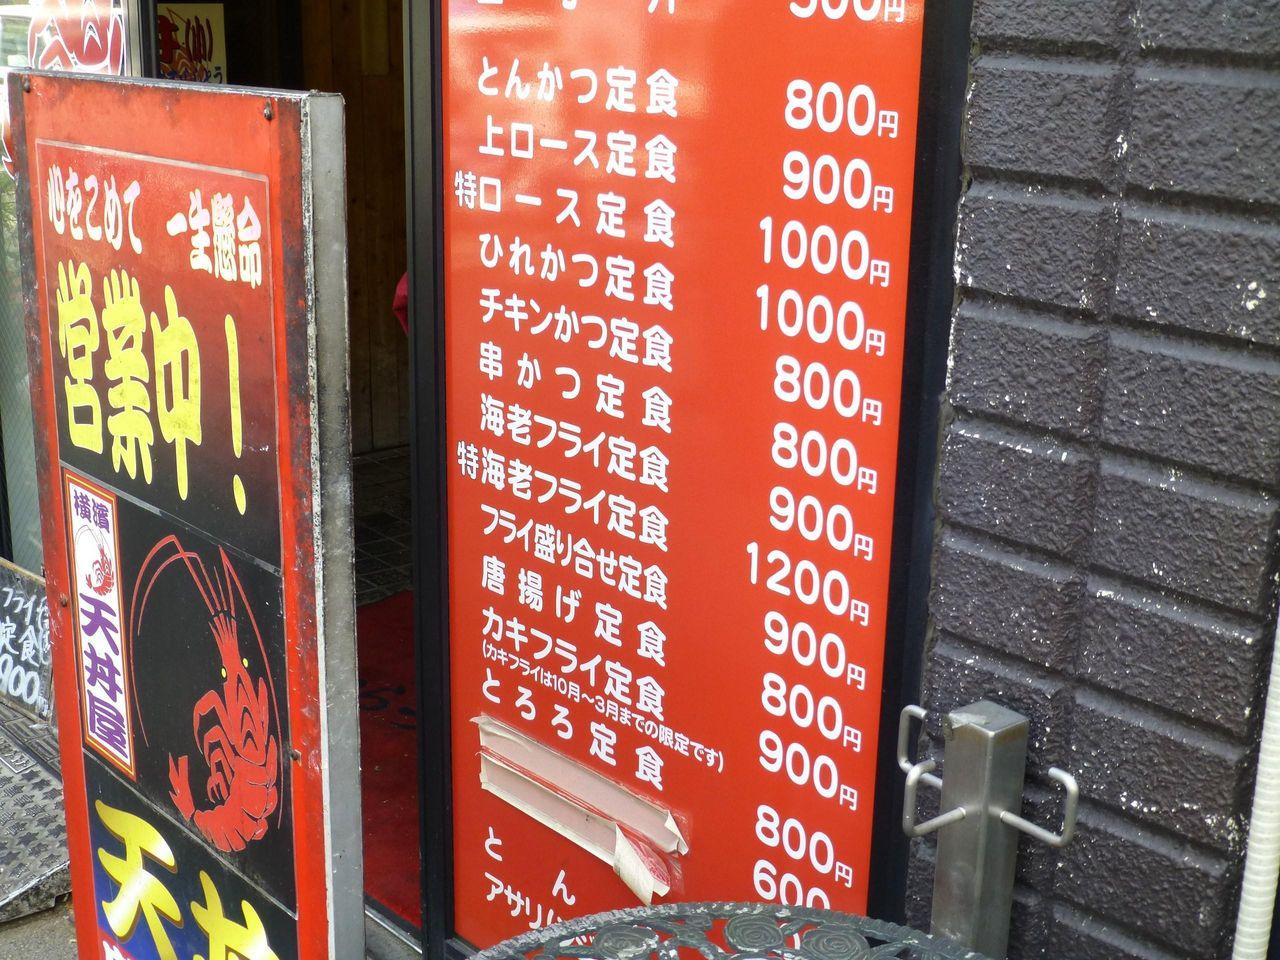 天ぷら豊野のメニュー(26年4月現在)